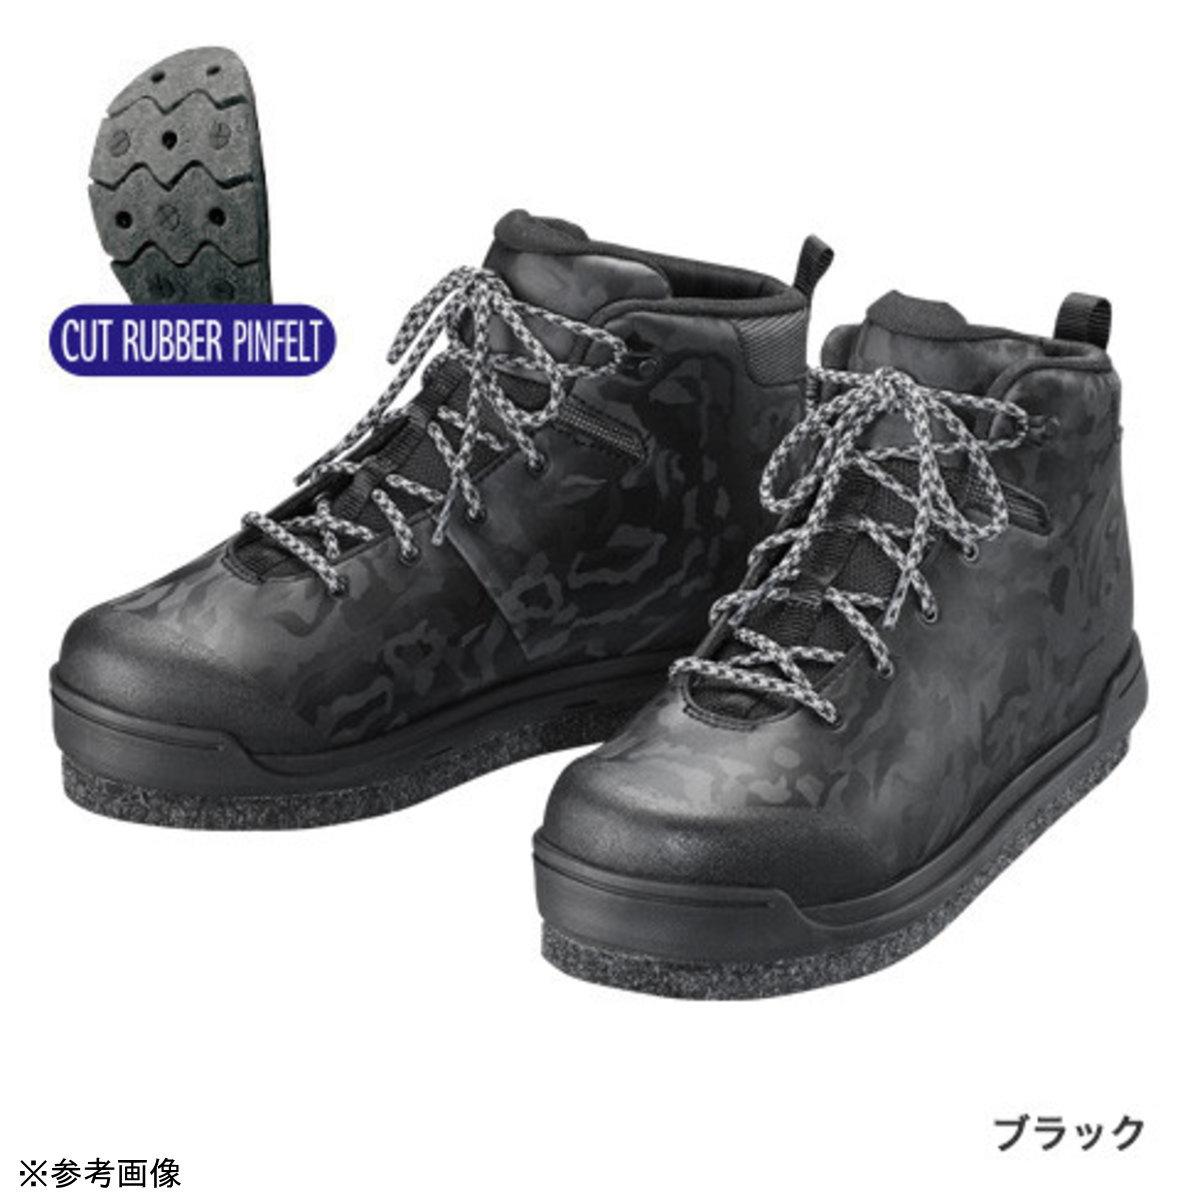 送料無料5 シマノ お気に入り ジオロックシューズ ブラック 新着セール 25.0 FS-080T